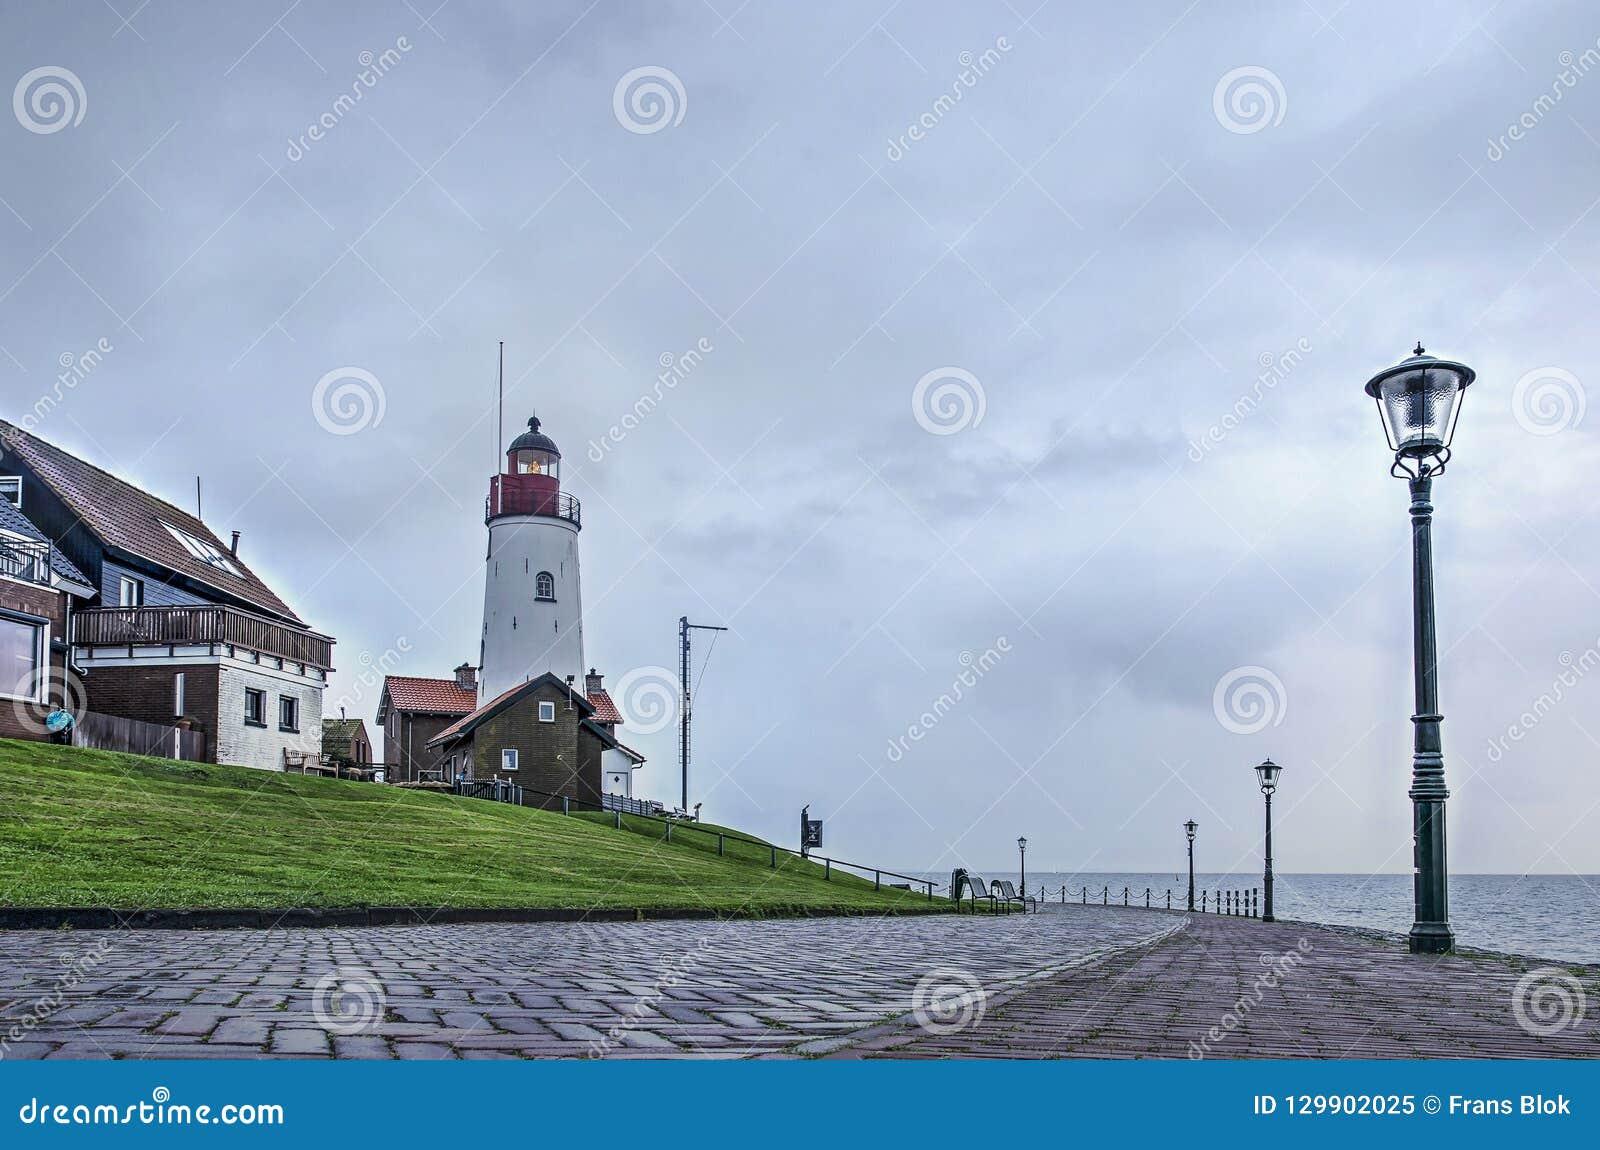 Leuchtturm auf dem Ufer von einem ehemaligen Meer